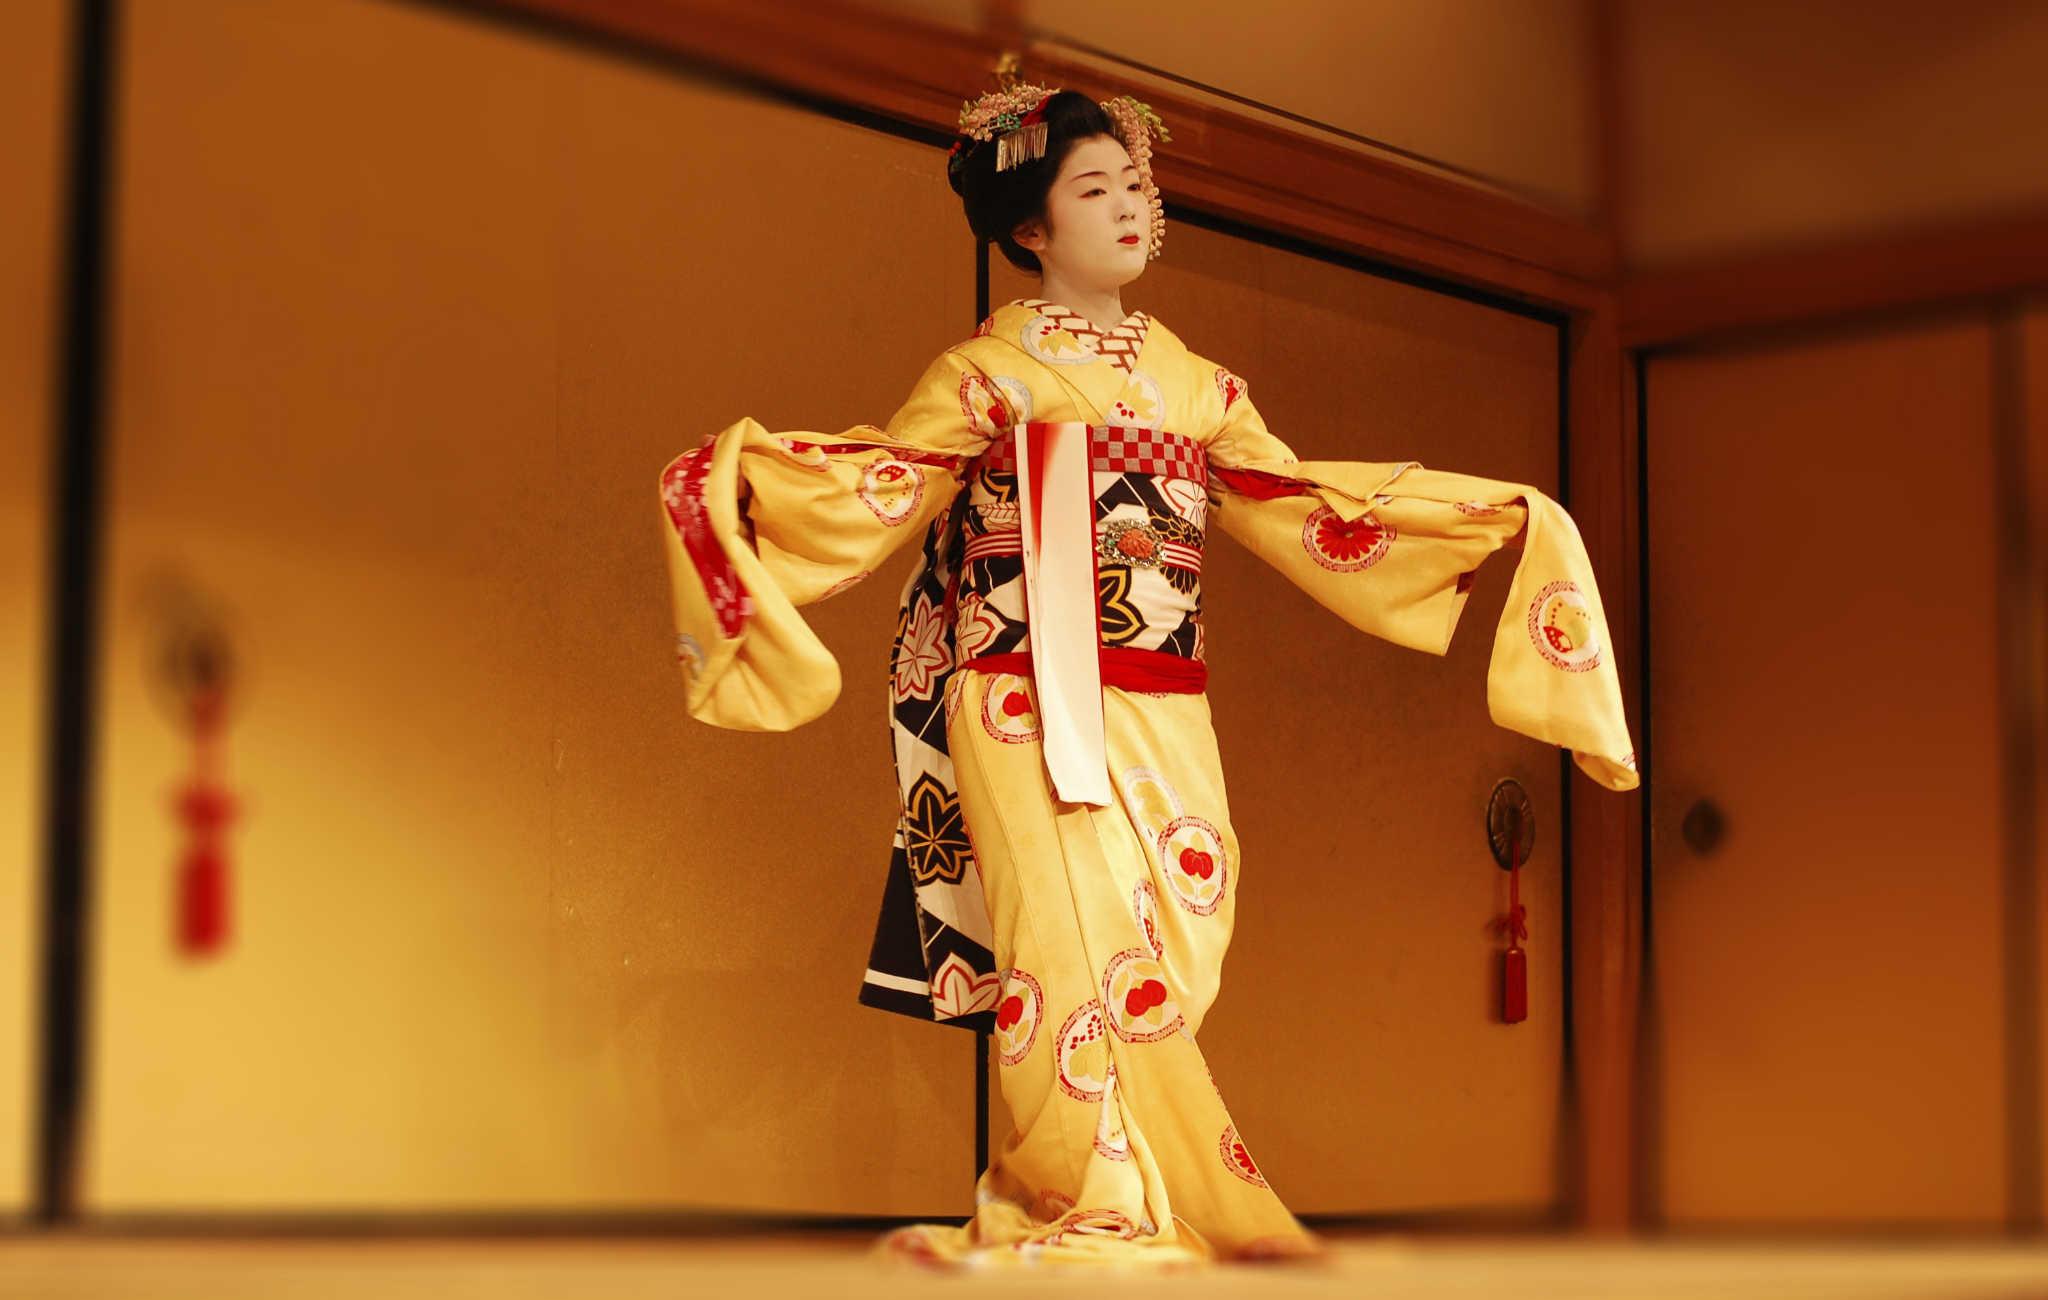 Đặc điểm của loại hình kịch Nô nghệ thuật truyền thống của Nhật Bản